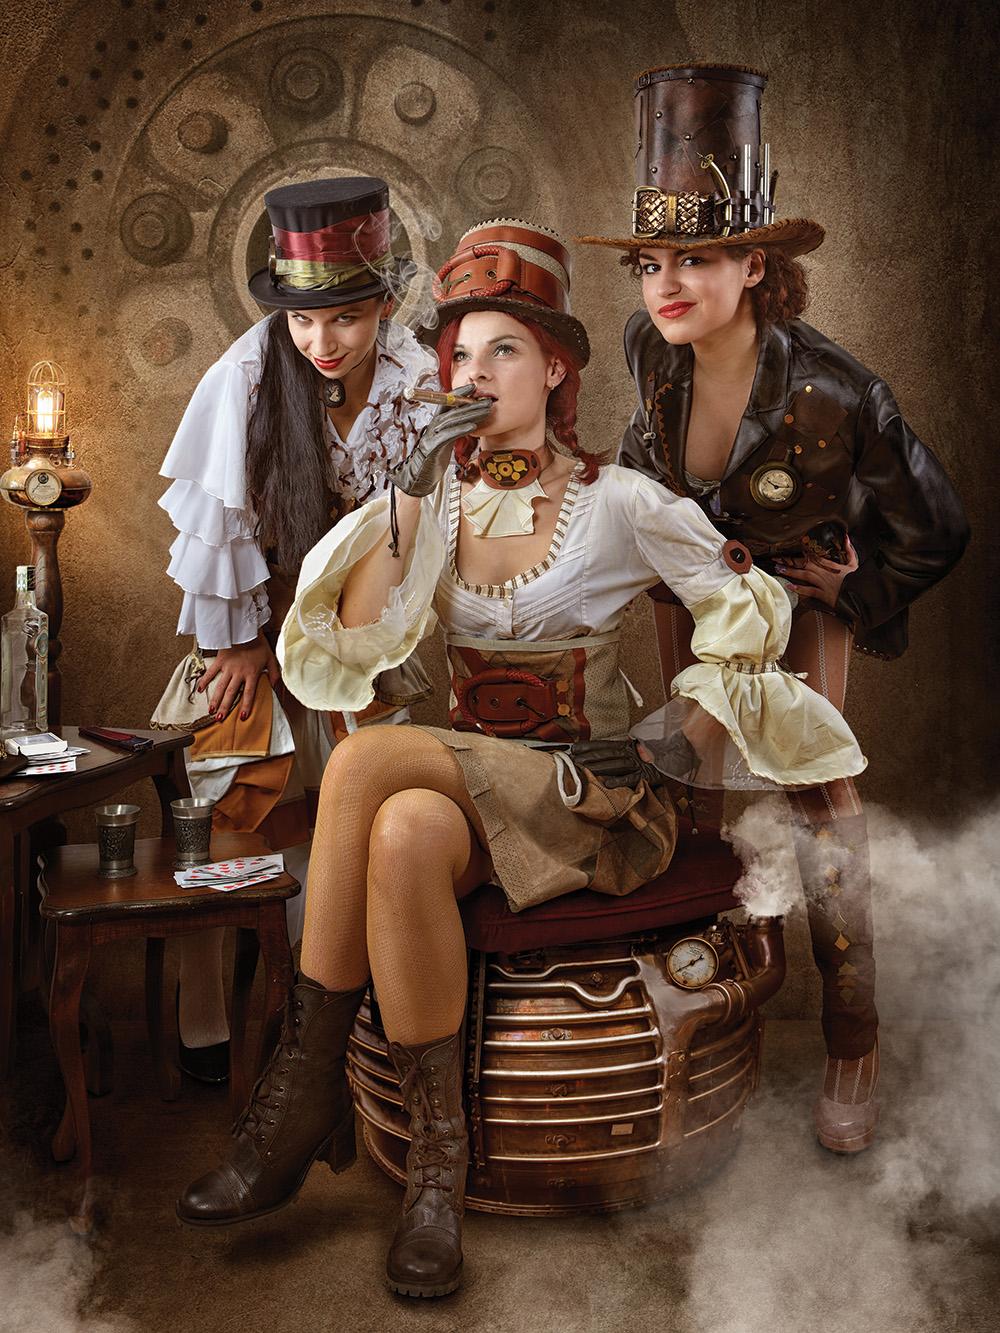 Steampunk Bandit Queen I